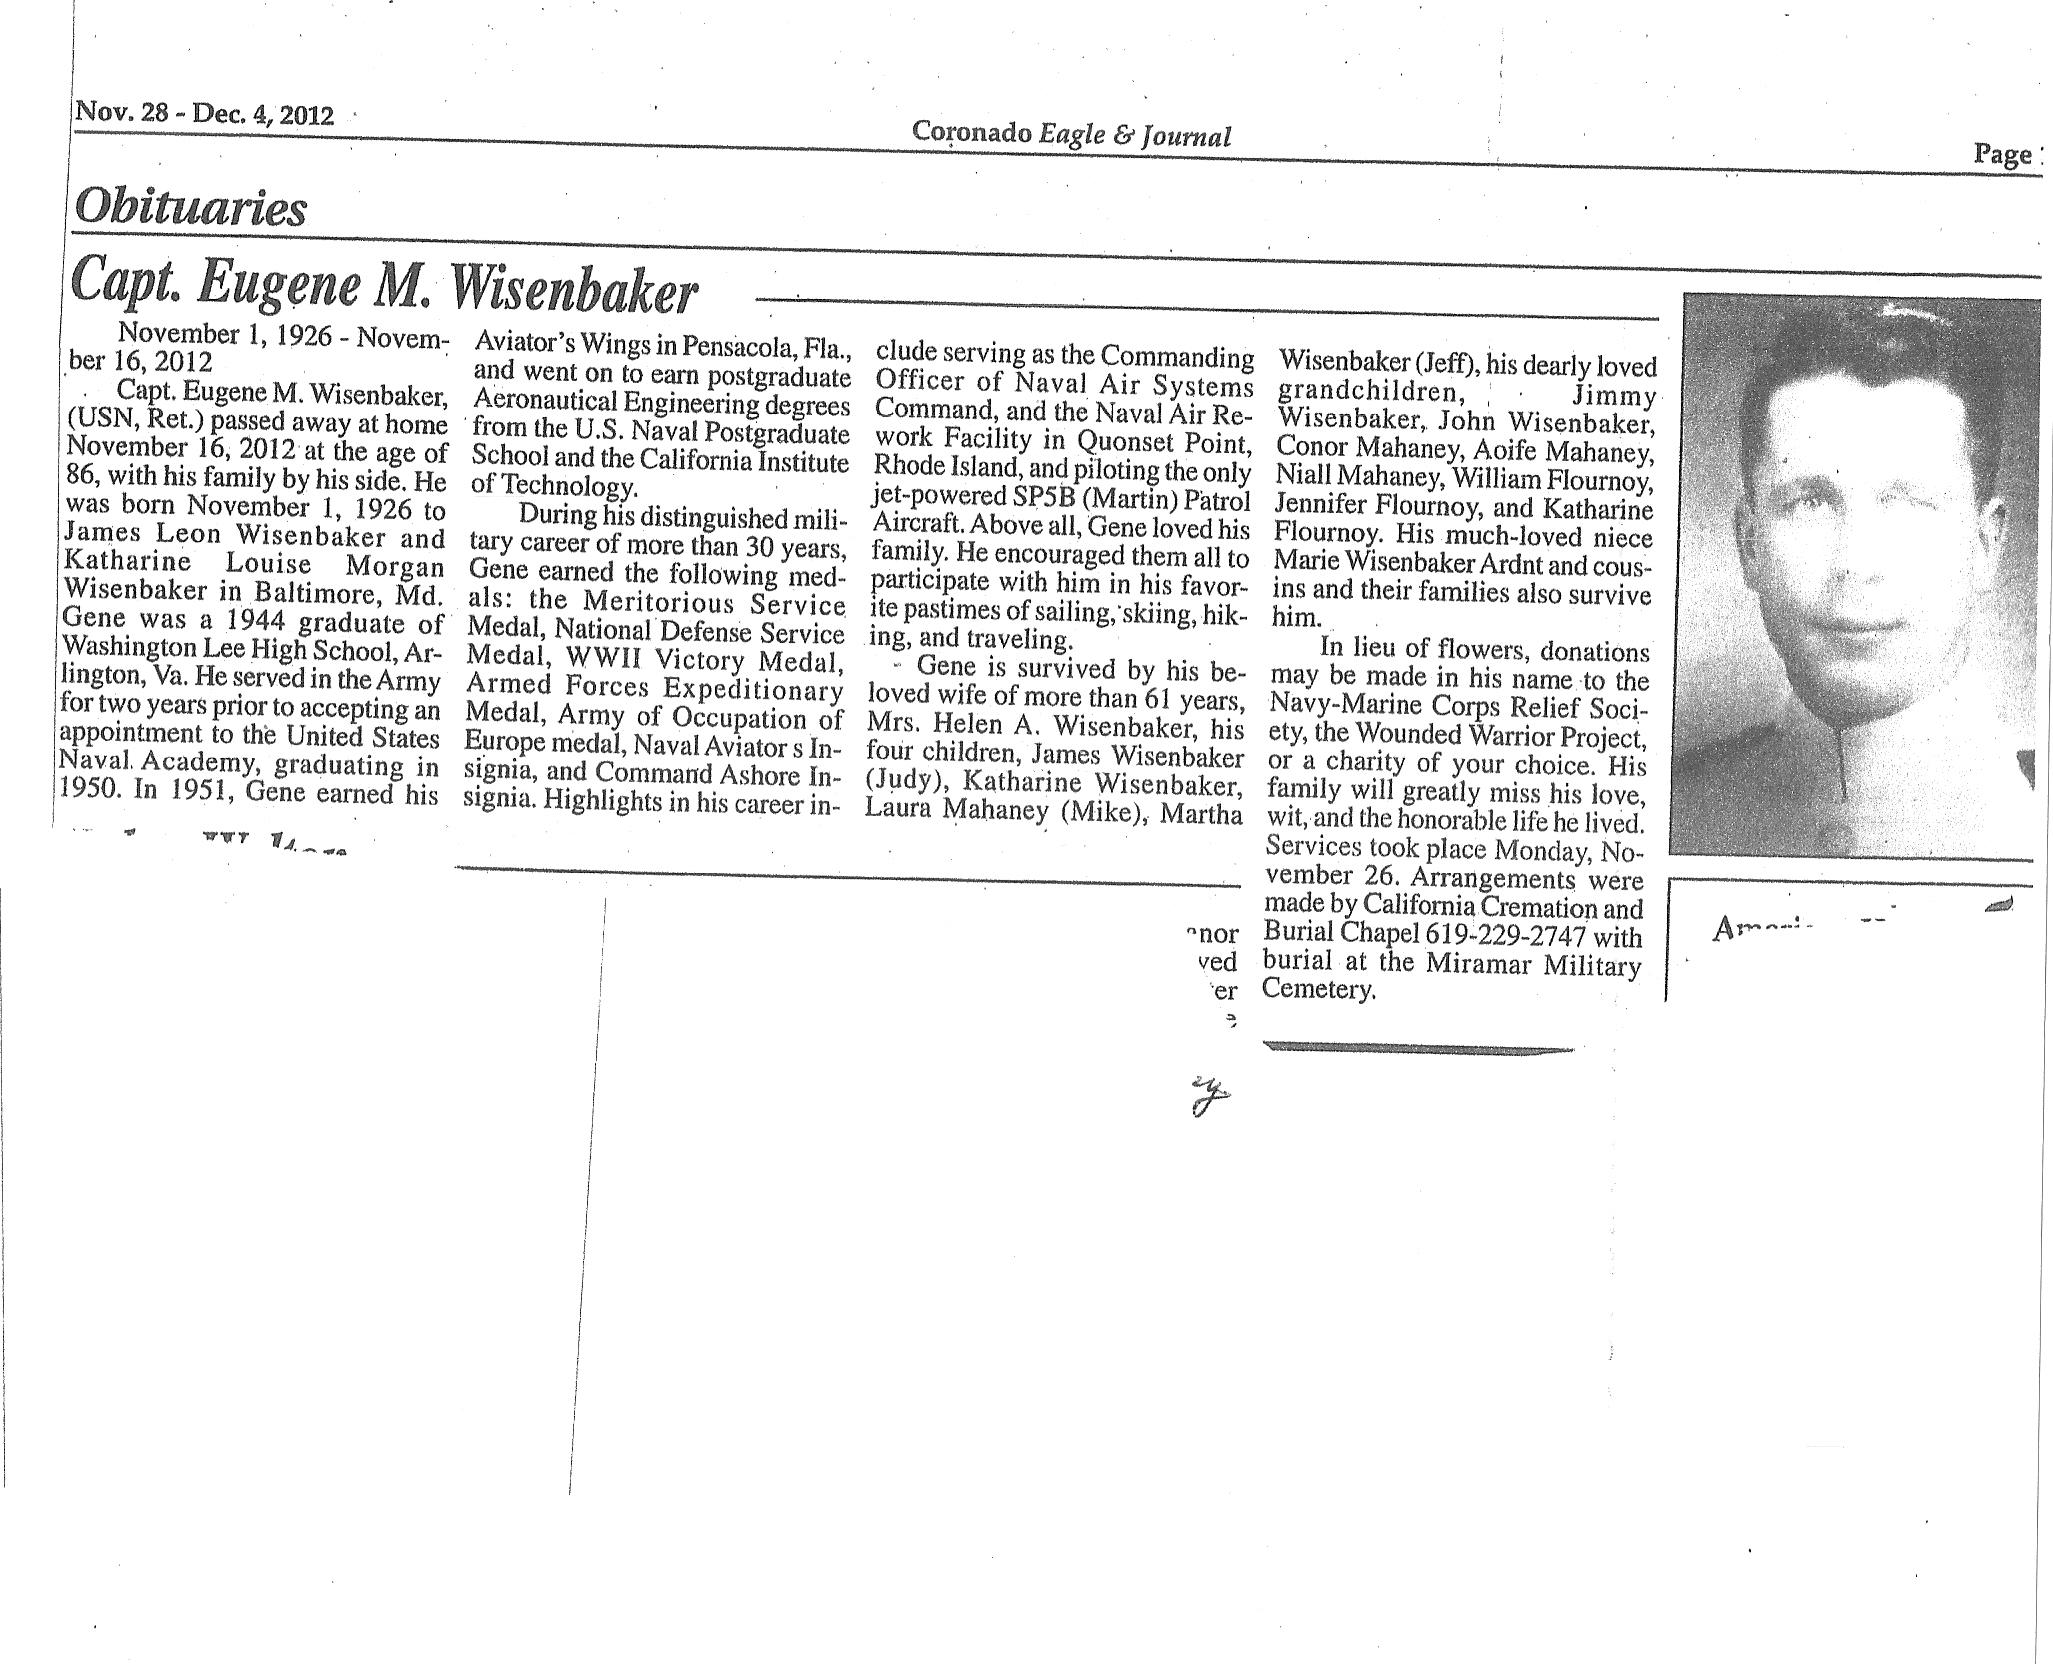 Obituary For Captain Eugene Wisenbaker